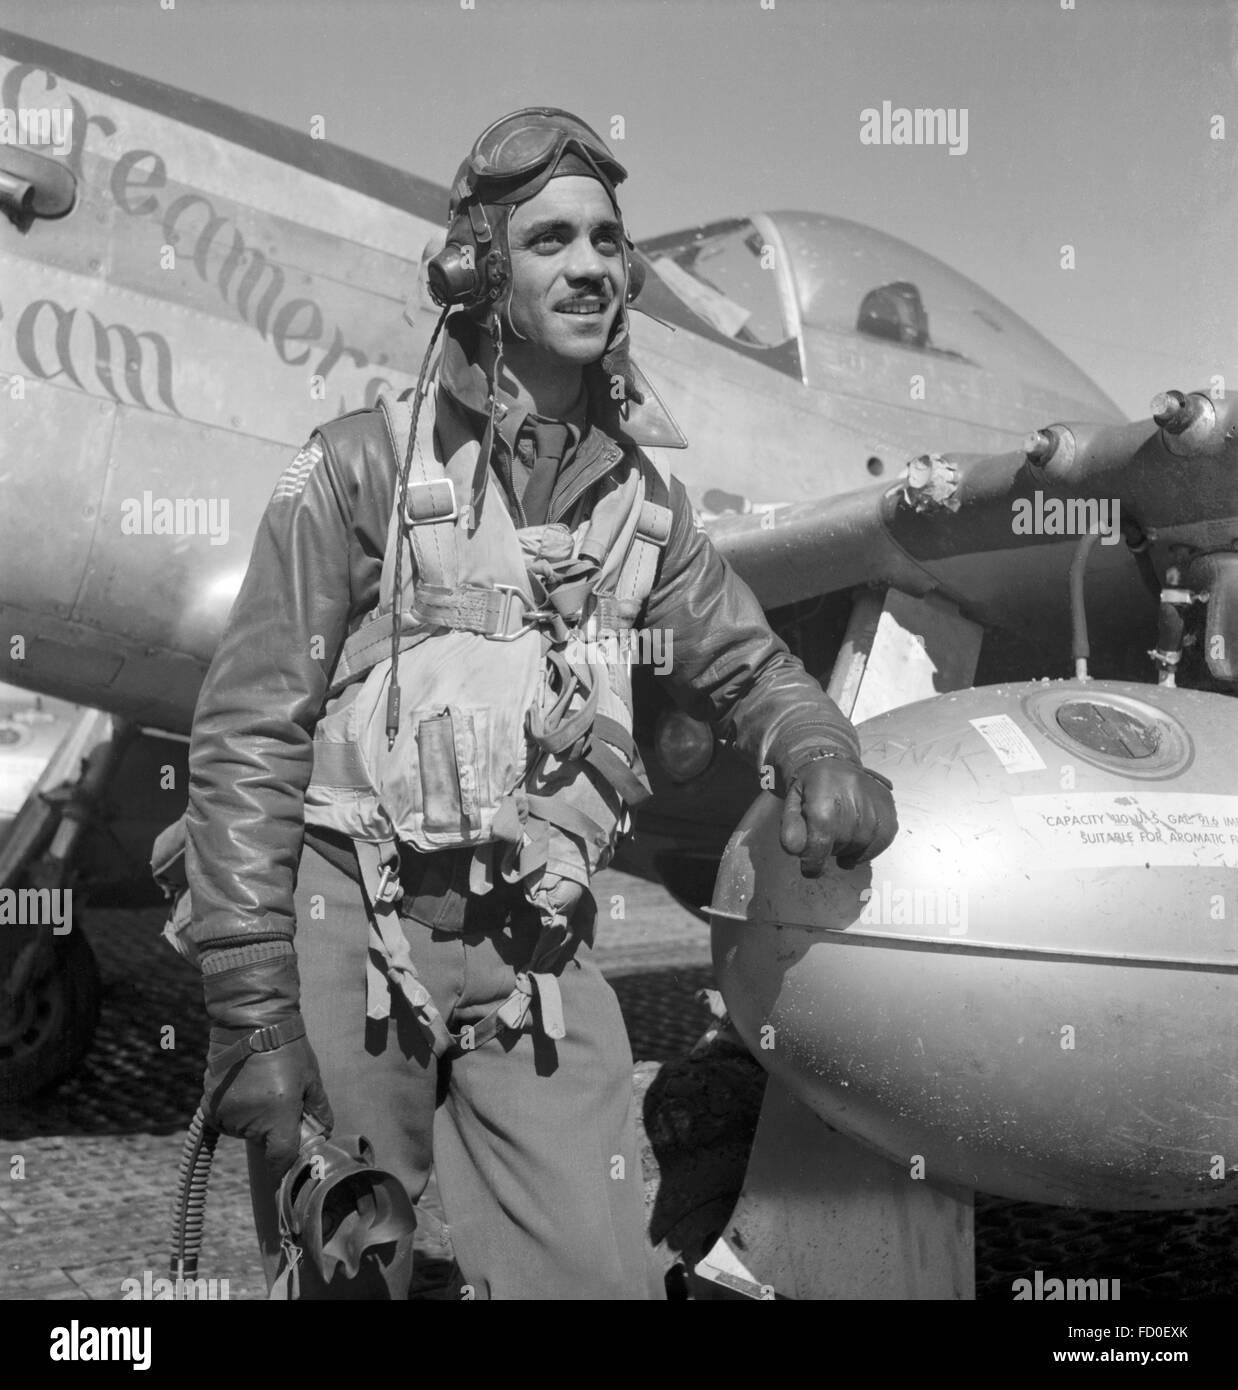 Edward C. Tuskegee airman Gleed, officier des opérations du Groupe, 332e Fighter Group. L'avion dans l'arrière Photo Stock